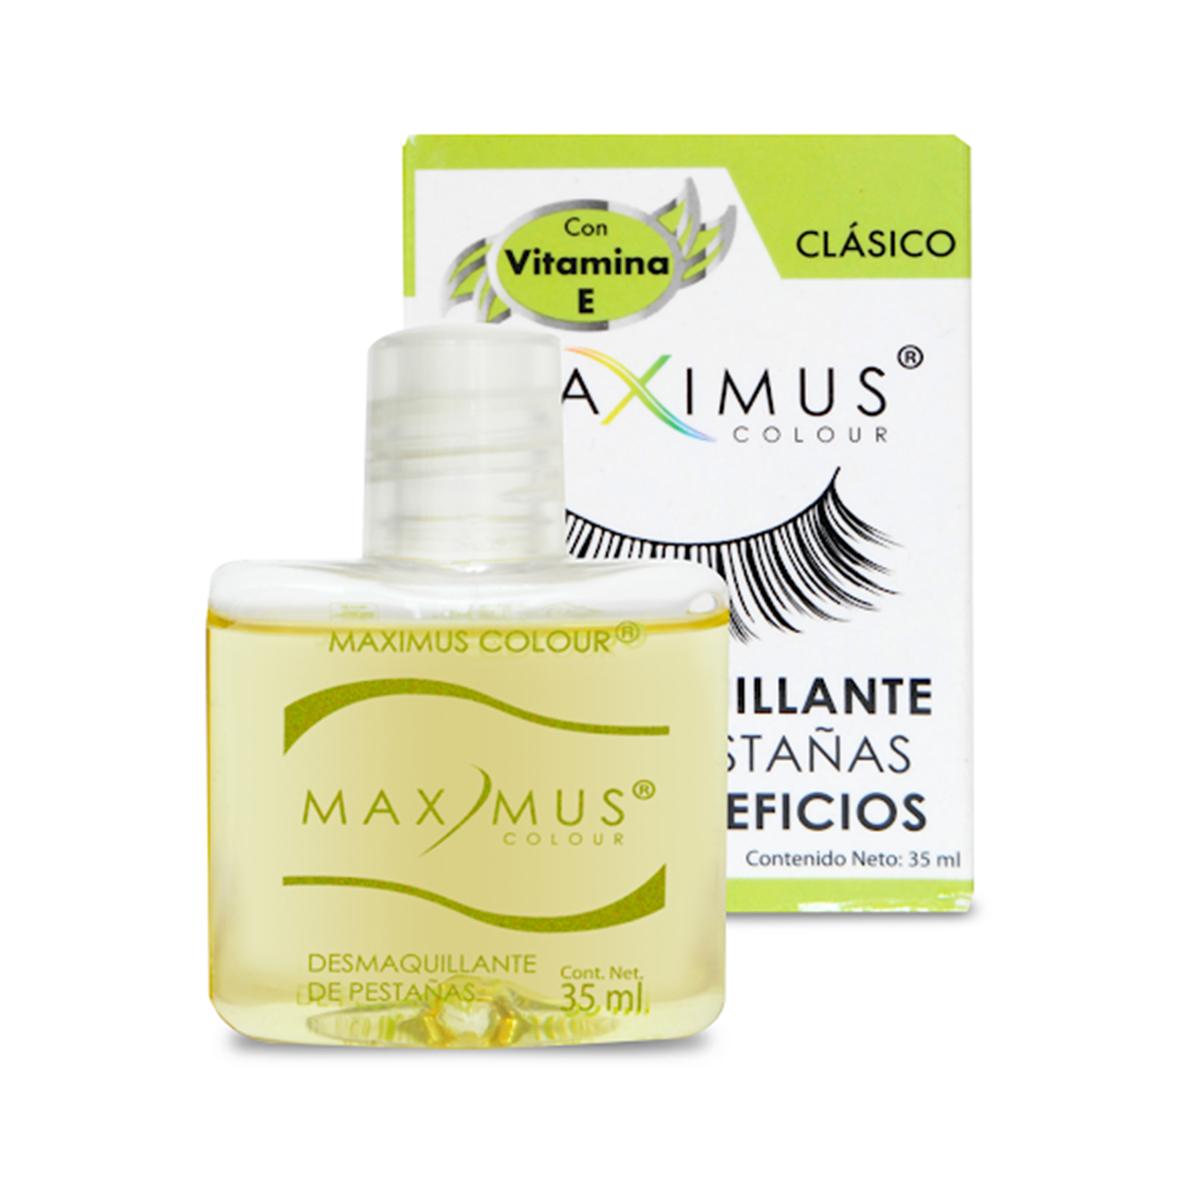 Aceite Desmaquillante para Pestañas - Clásico - Vitamina E